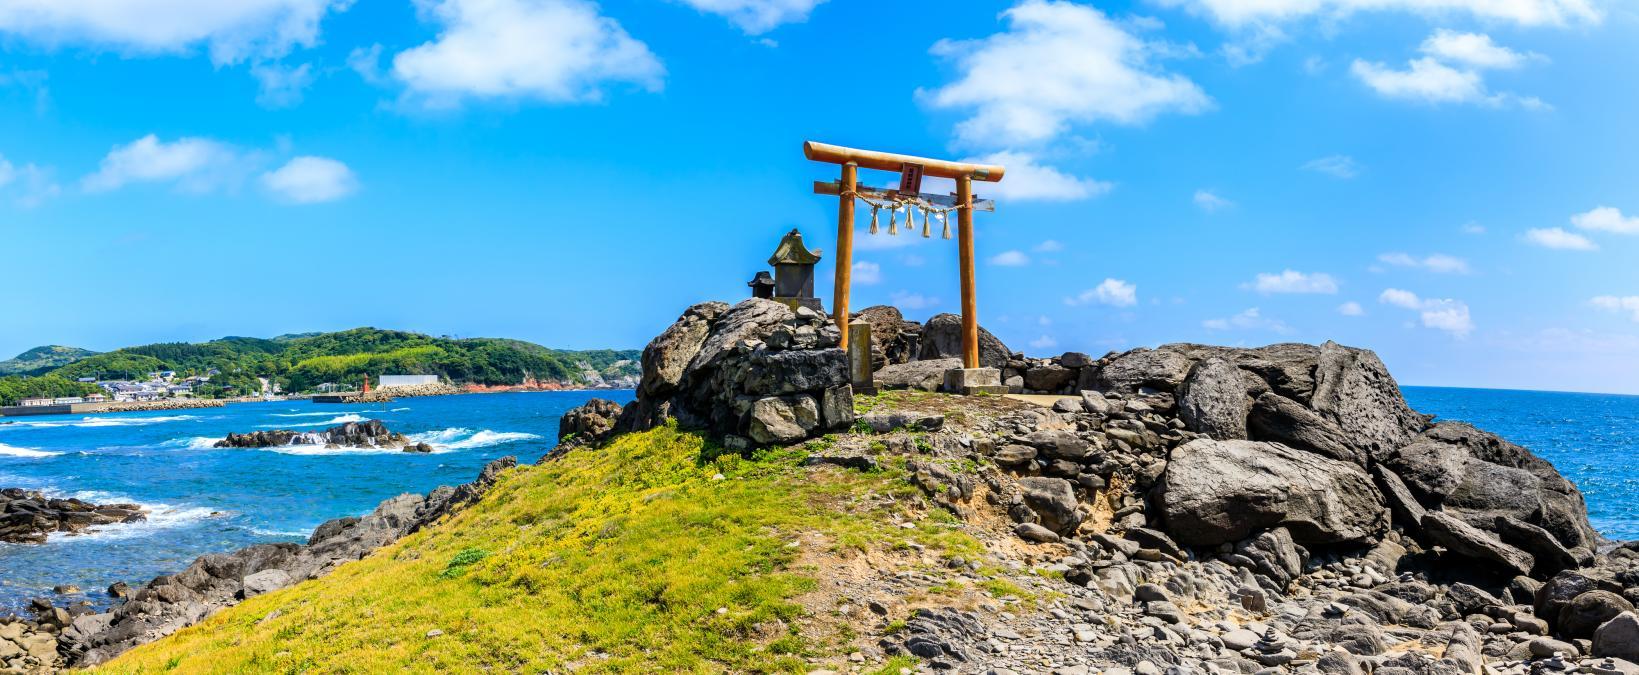 「はじめての壱岐島」海と絶景の歴史ある島でパワーチャージ!-1